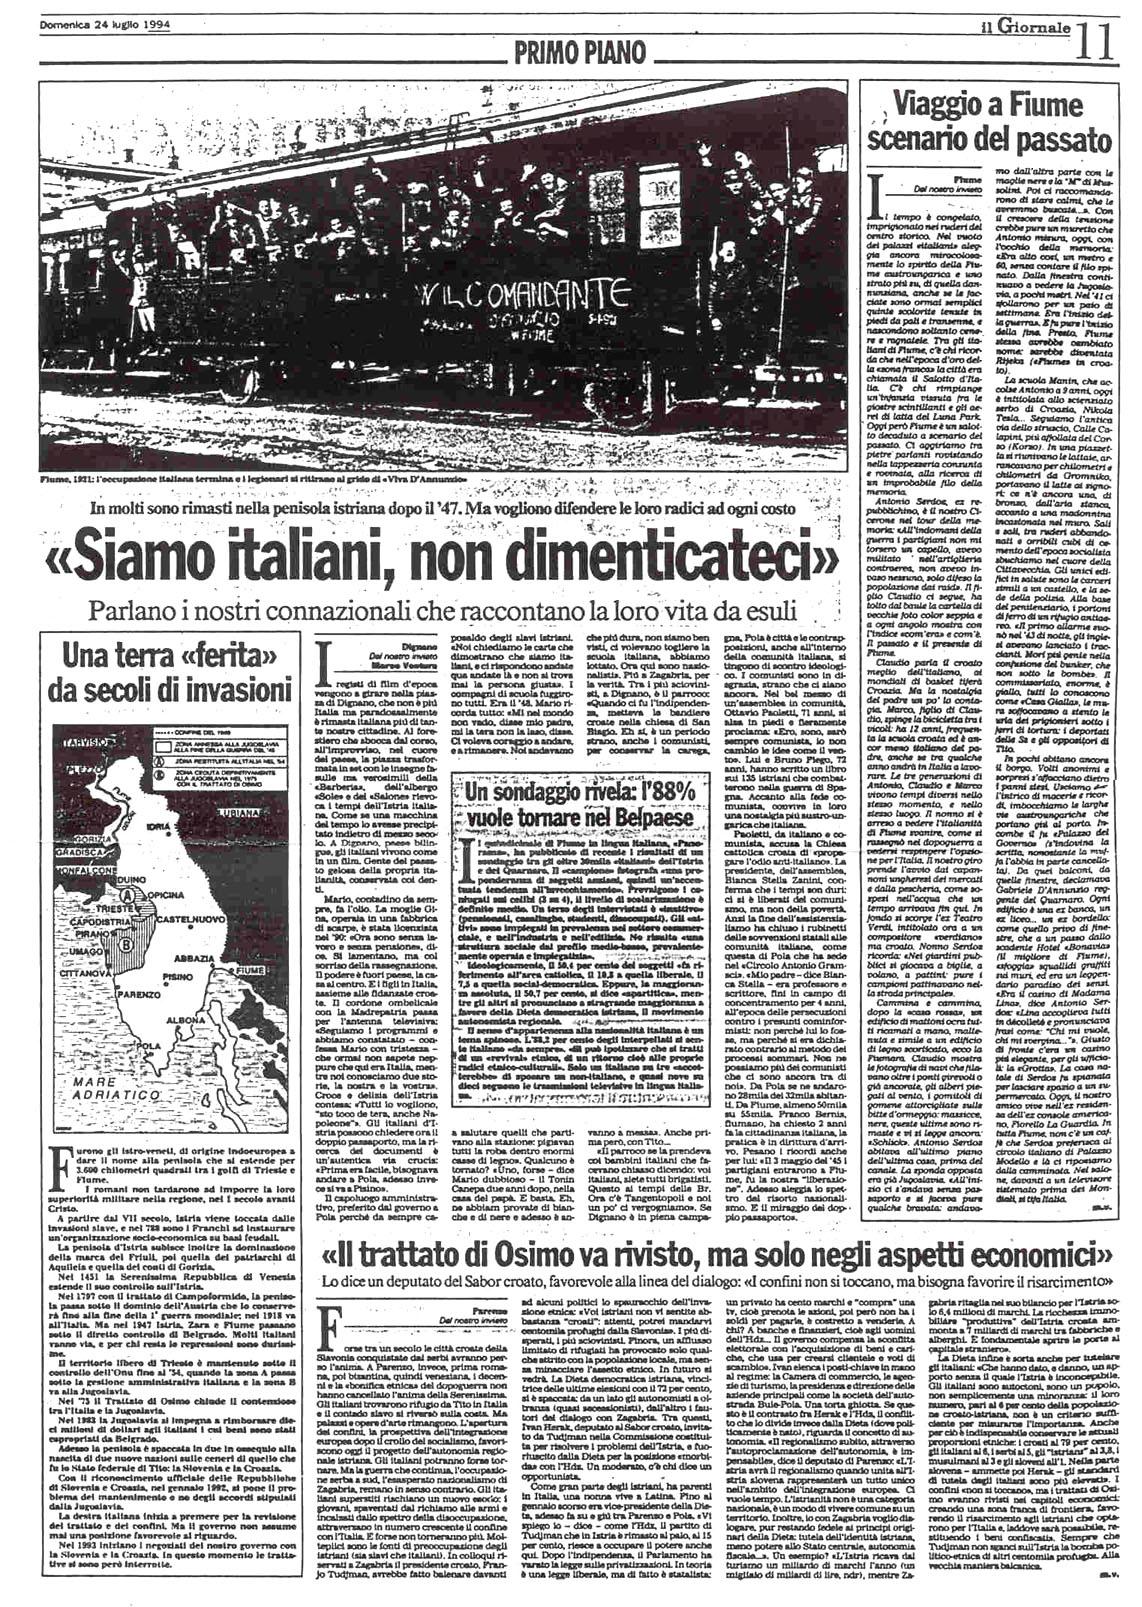 Fiume italiana bibliografia for Resoconto tratto da articoli di giornali